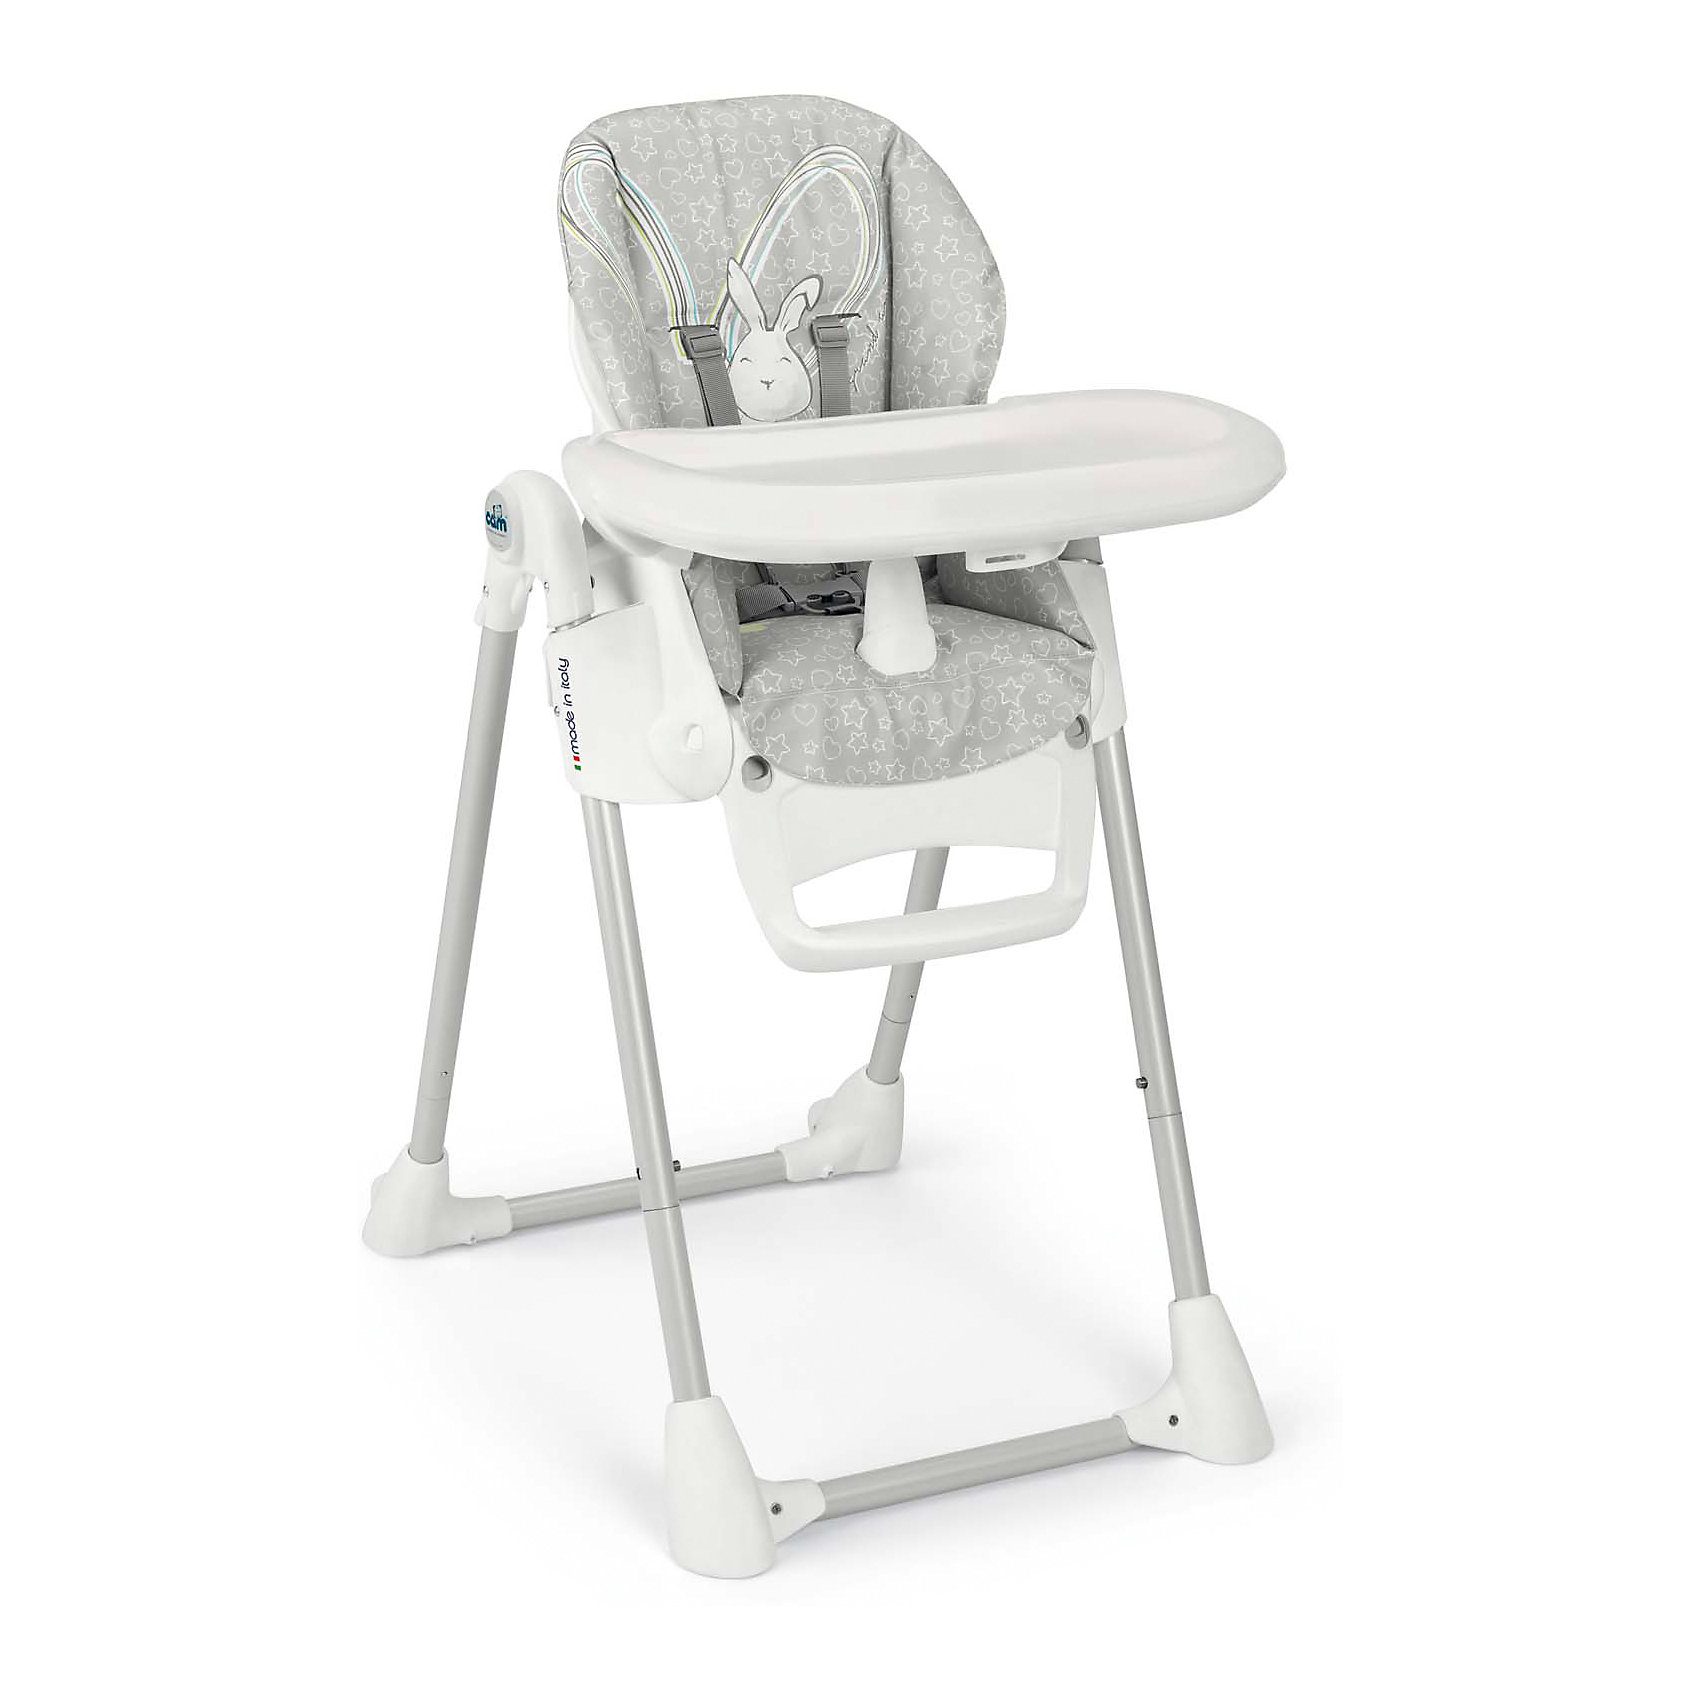 Стульчик для кормления Pappananna Зайчик, CAM, серыйСтульчики для кормления<br>Характеристики:<br><br>• изменяется высота сиденья, 8 положений;<br>• угол наклона спинки регулируется, 4 положения, включая положение «лежа»;<br>• регулируемая подножка;<br>• система 5-ти точечных ремней безопасности надежно удерживает ребенка;<br>• пластиковый ограничитель между ножек не позволяет ребенку «съехать» или соскользнуть вниз;<br>• стульчик оснащен съемным столиком для кормления;<br>• имеется также дополнительный поднос с углублениями для посуды;<br>• поднос можно снять и оставить только столик с ровной поверхностью;<br>• на нижнем основании стульчика находятся пластиковые накладки, которые обеспечивают устойчивость конструкции;<br>• задние ножки оснащены колесиками;<br>• стульчик компактно складывается, устойчиво стоит в вертикальном положении;<br>• материал: алюминий, пластик, полиэстер, эко-кожа.<br><br>Размеры:<br><br>• размер стульчика для кормления: 55х76х106 см;<br>• размер стульчика в сложенном виде: 55х31х89 см;<br>• вес стульчика: 8,9 кг;<br>• размер упаковки: 62,7х30,7х98 см;<br>• вес в упаковке: 12,2 кг.<br><br>Функциональный стульчик-трансформер Pappananna используется с первых дней жизни малыша благодаря раскладывающейся почти до горизонтального положения спинке. В таком положении ребенок может находиться рядом с взрослыми в часы приема ими пищи. Стульчик регулируется по высоте, которая может быть изменена в зависимости от роста ребенка. Стульчик без столика удобно приставить к общему столу, когда ребенок подрастет. <br><br>Стульчик для кормления Pappananna Зайчик, CAM, серый можно купить в нашем интернет-магазине.<br><br>Ширина мм: 627<br>Глубина мм: 307<br>Высота мм: 980<br>Вес г: 12200<br>Возраст от месяцев: 0<br>Возраст до месяцев: 36<br>Пол: Унисекс<br>Возраст: Детский<br>SKU: 5504509